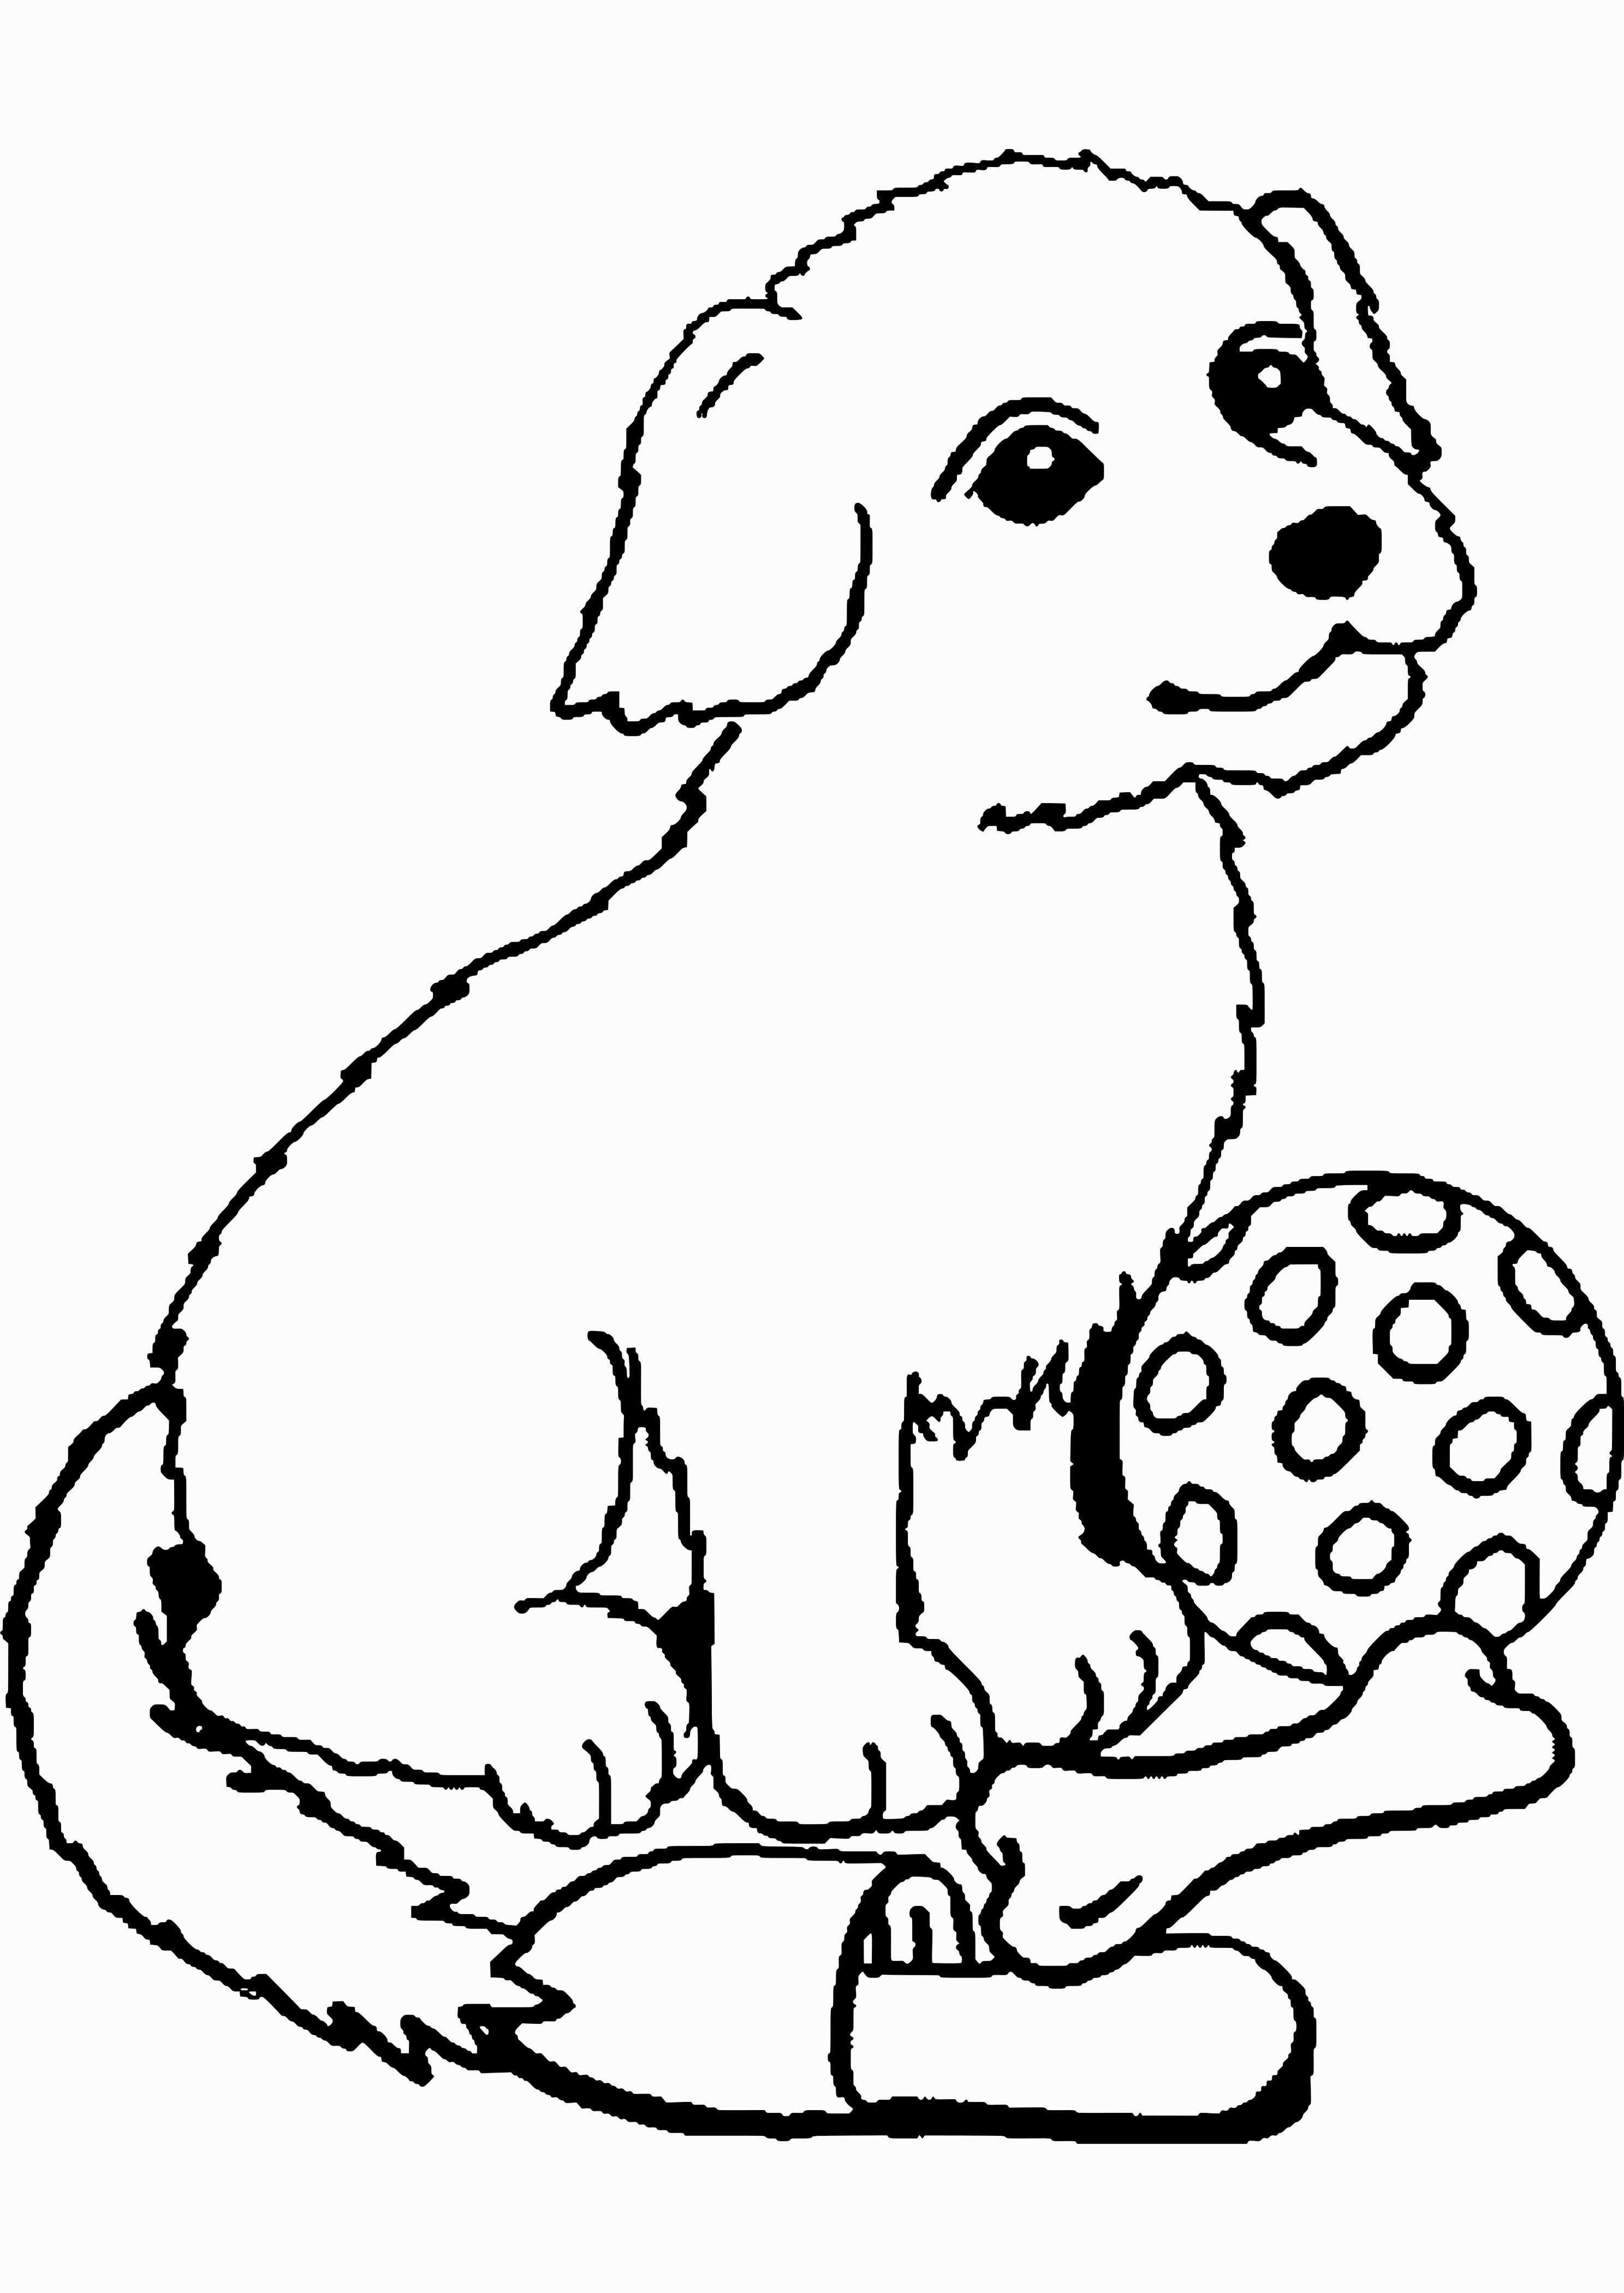 die 20 besten ideen für ausmalbilder von hunden  beste